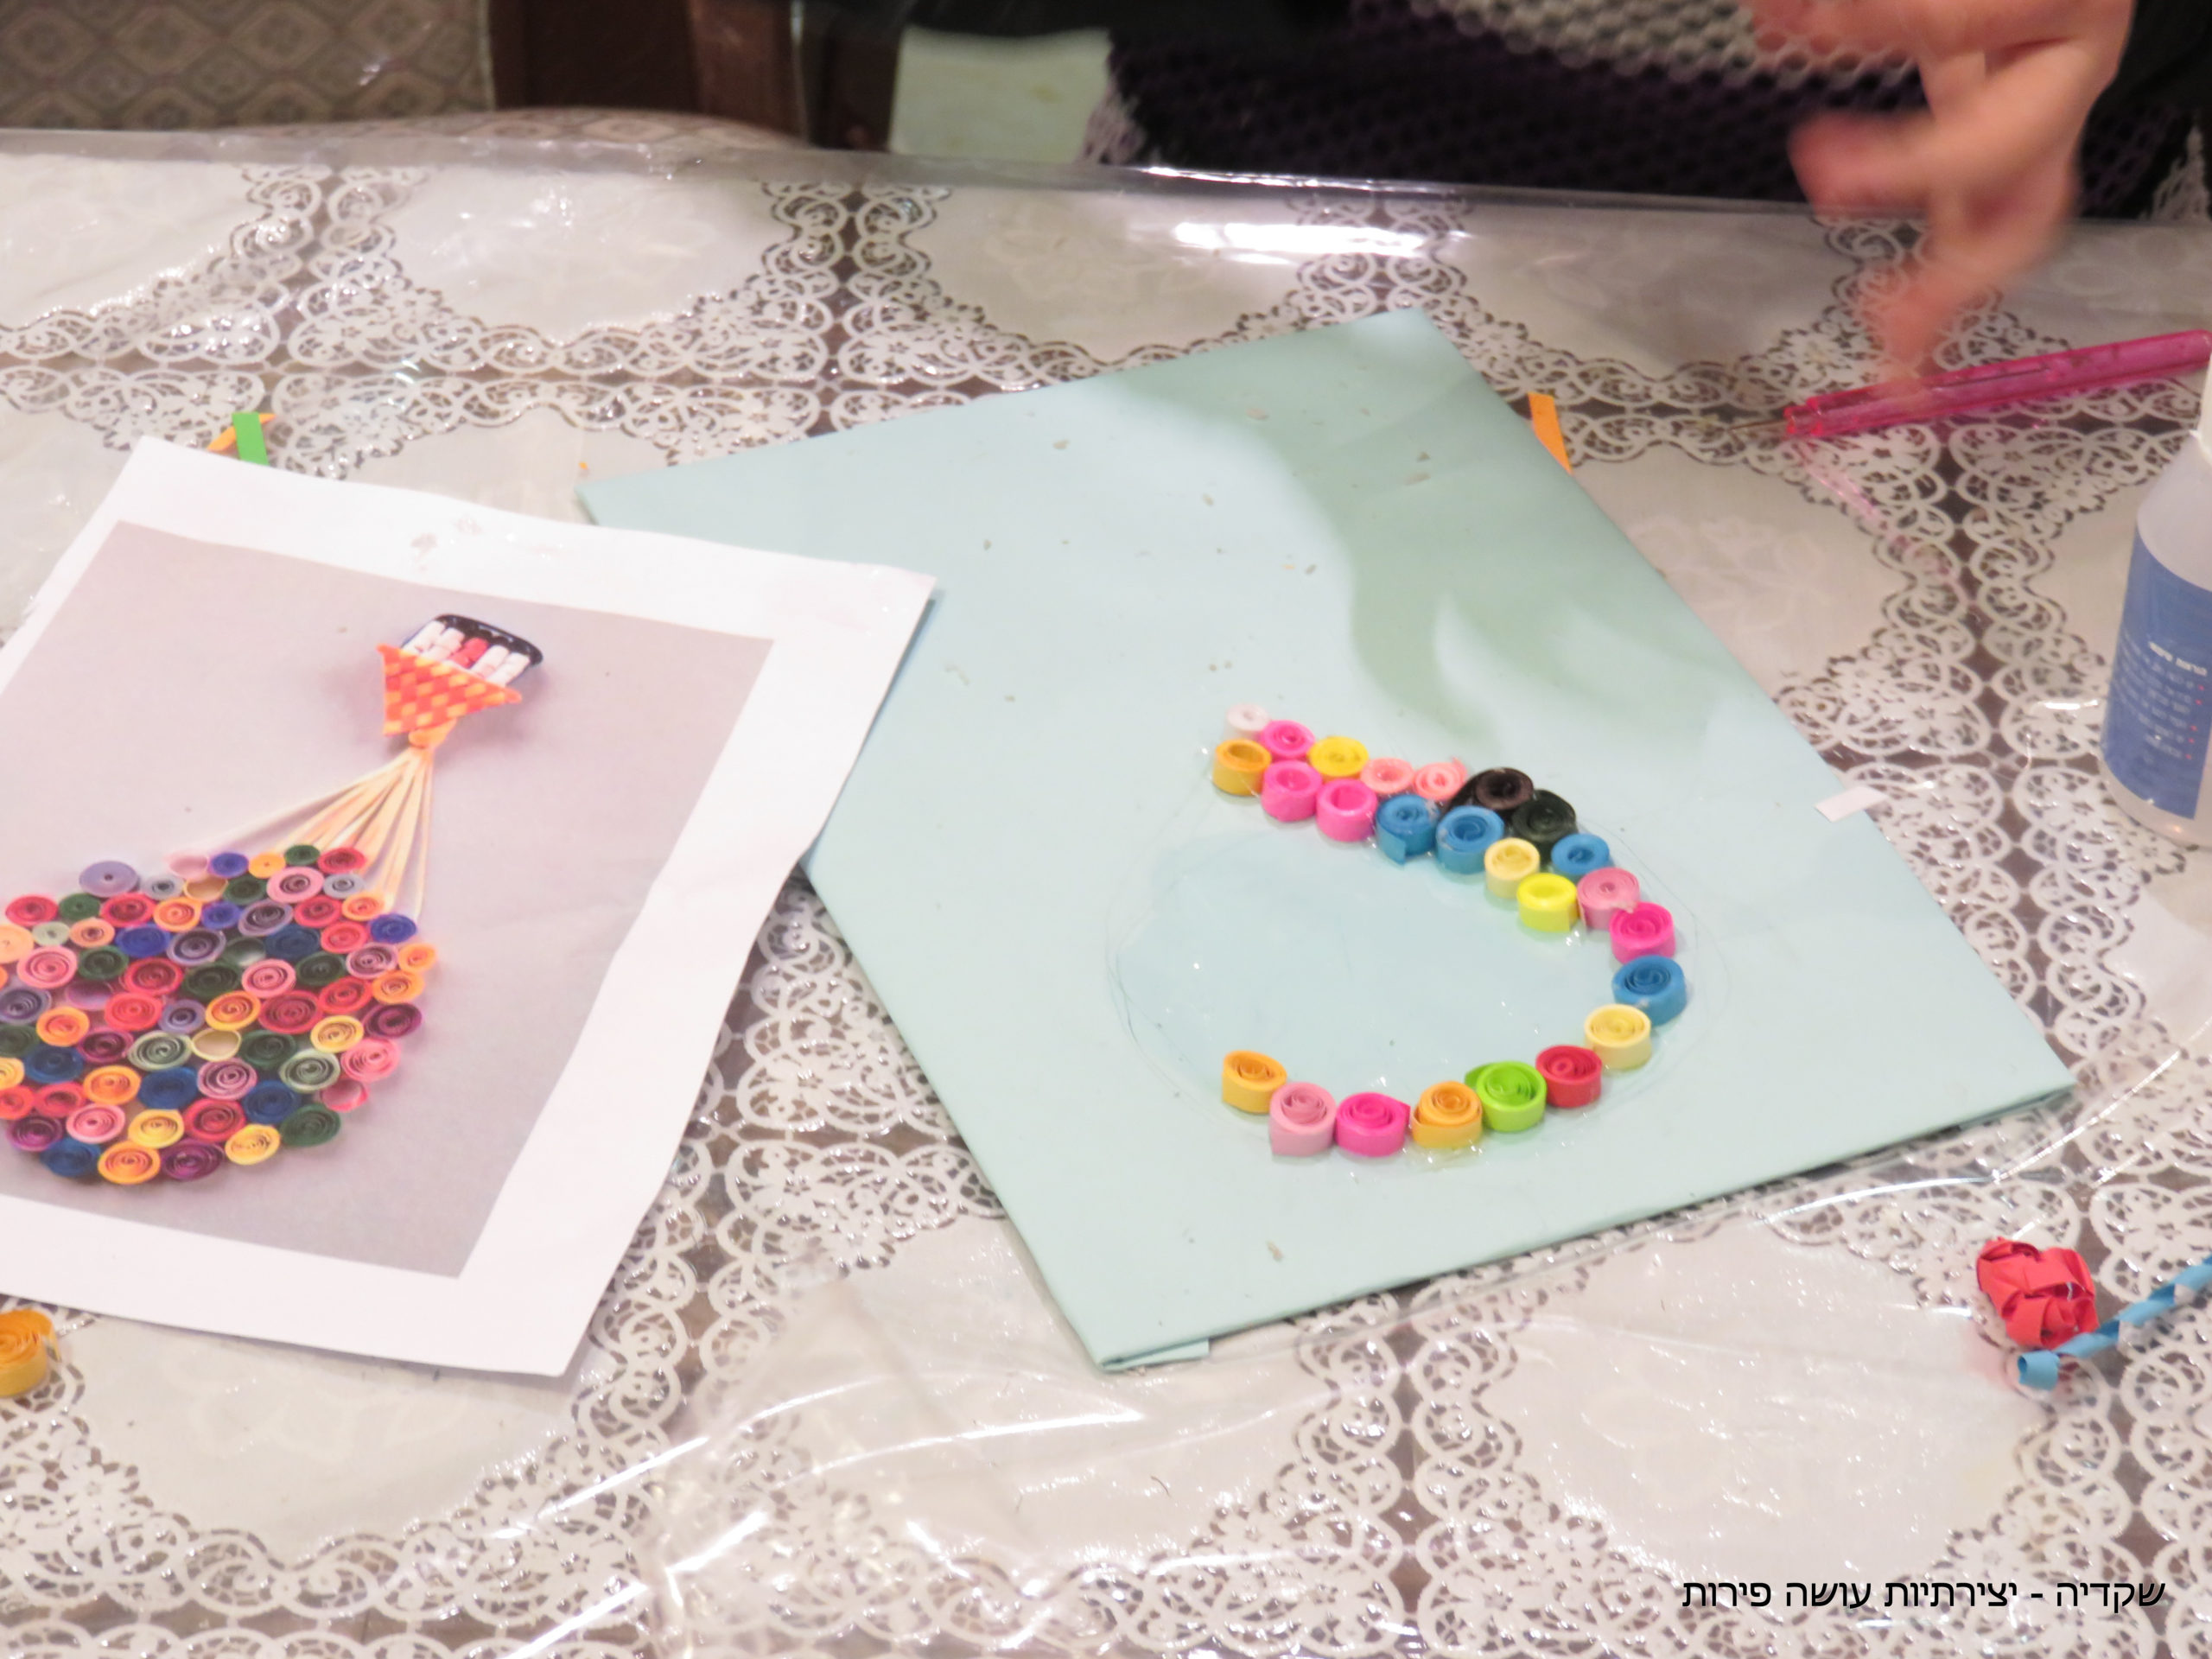 קוילינג - שקדיה, יצירתיות עושה פירות